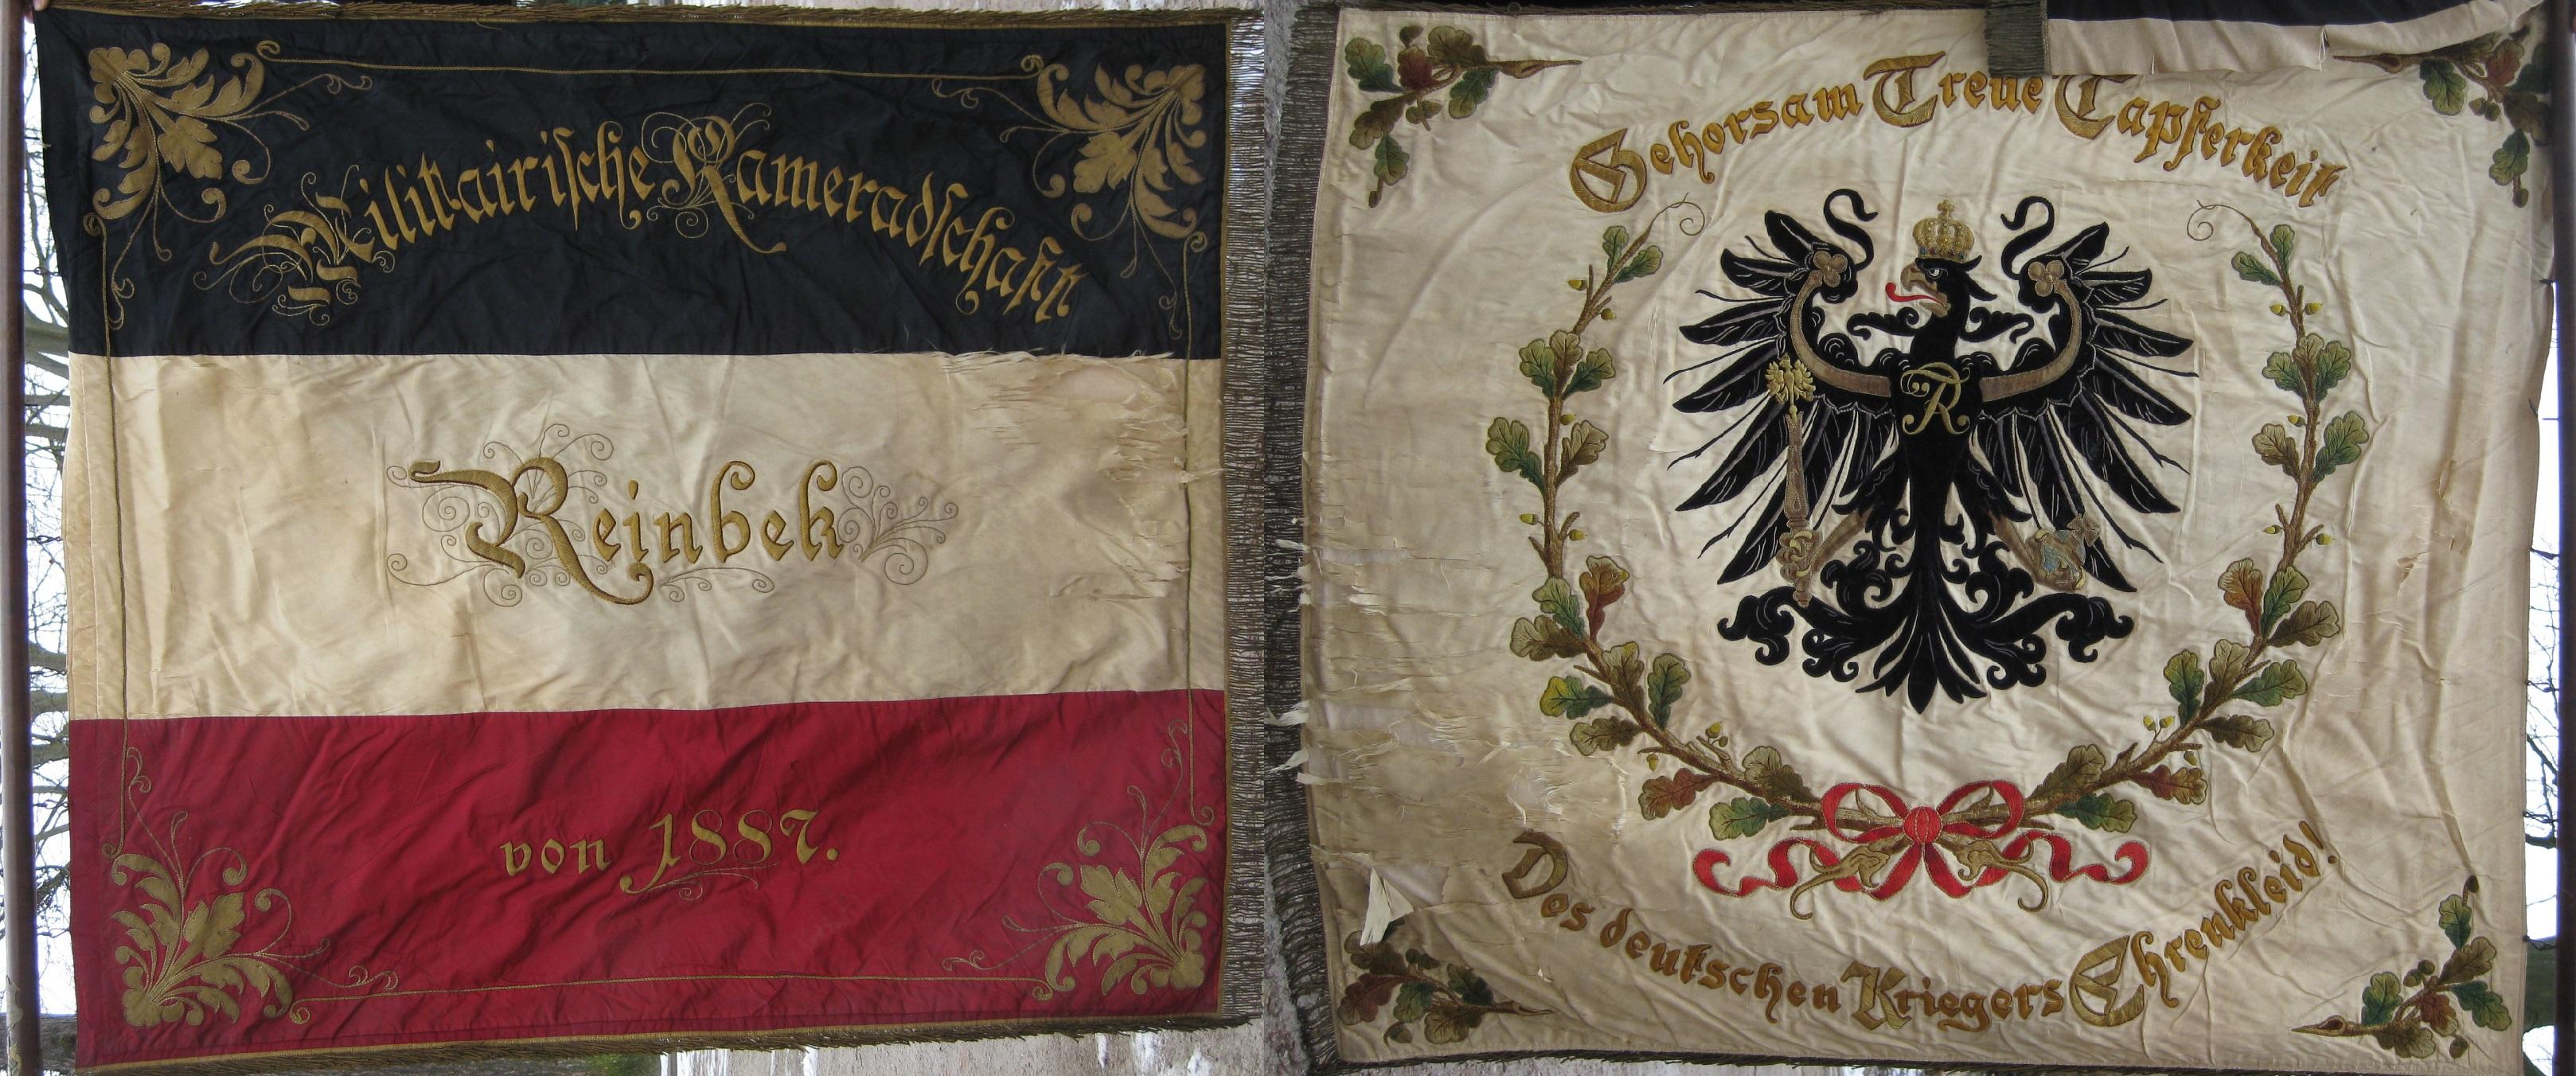 """Vorderseite: """"Militairische Kameradschaft Reinbek 1887"""". Rückseite: """"Gehorsam Treue Tapferkeit Des deutschen Kriegers Ehrenkleid"""""""